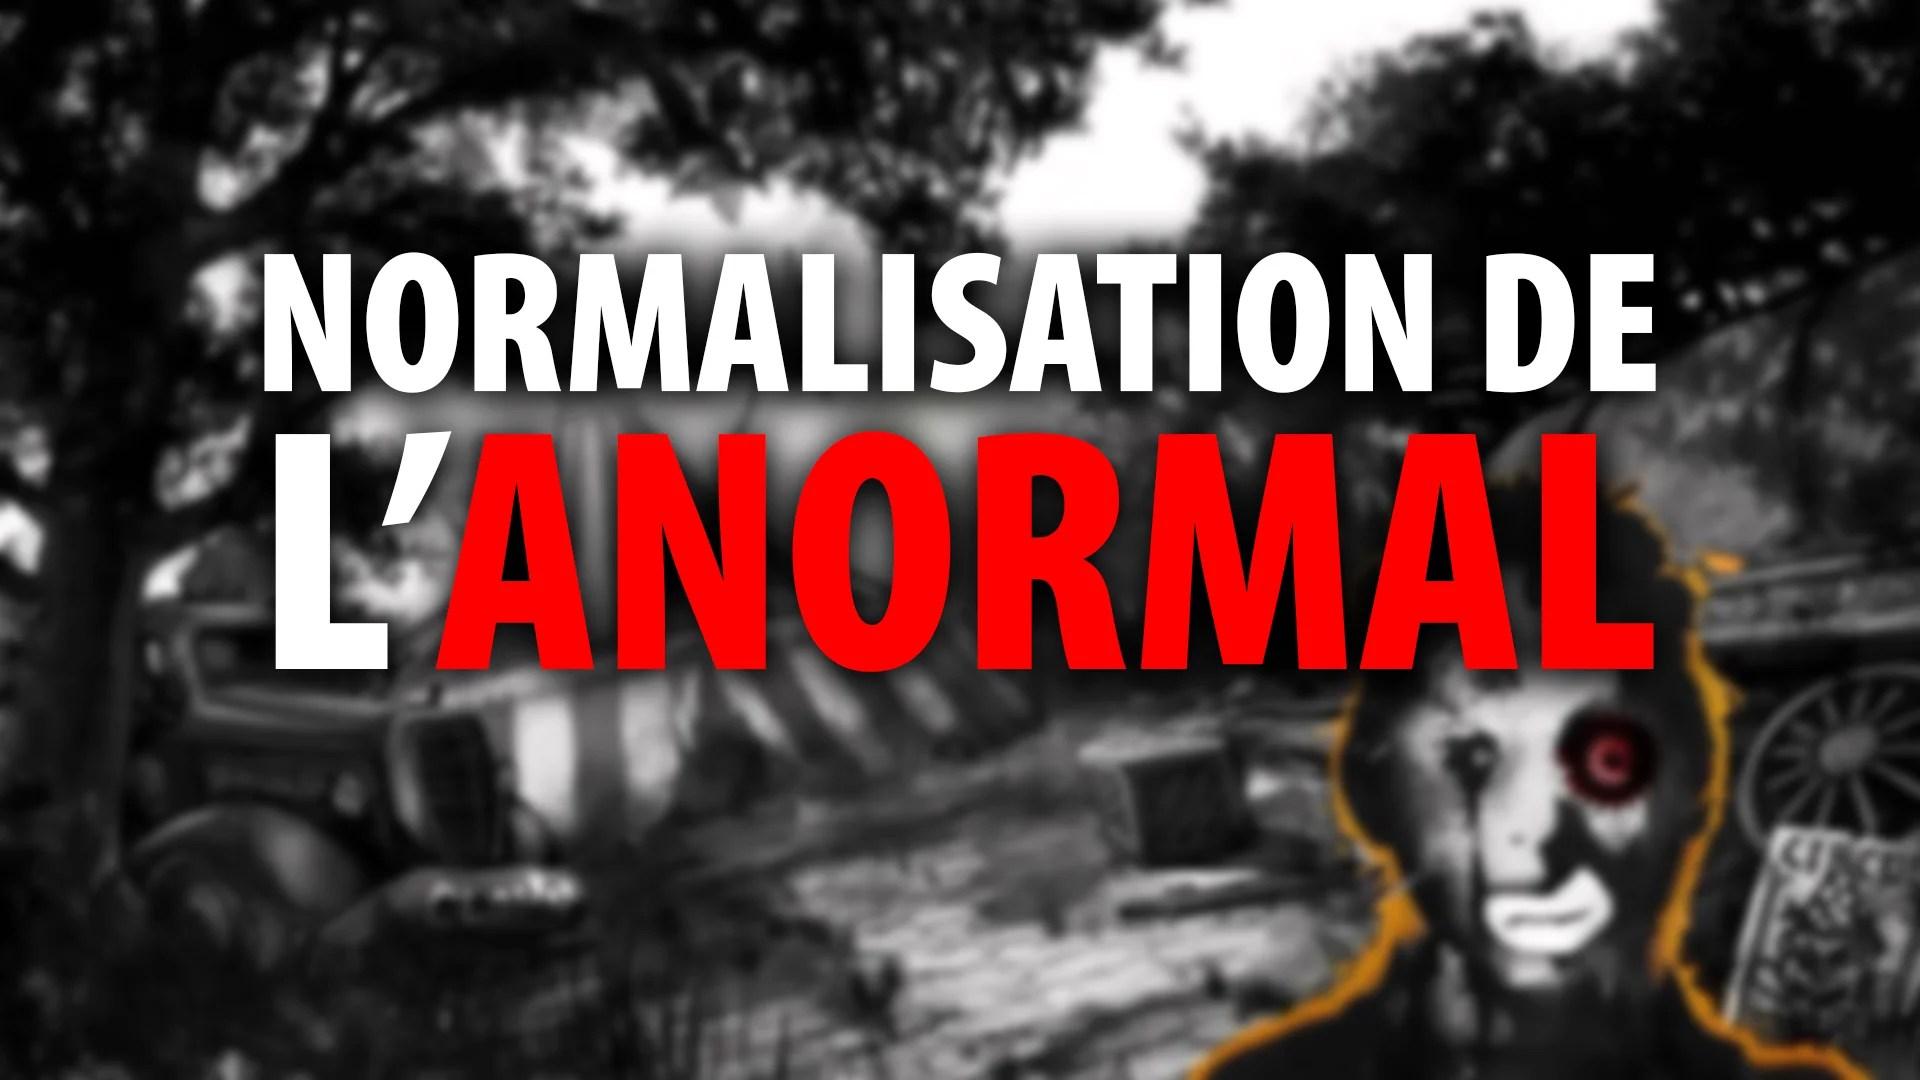 ANDRÉ PITRE SHOW – NORMALISATION DE L'ANORMAL